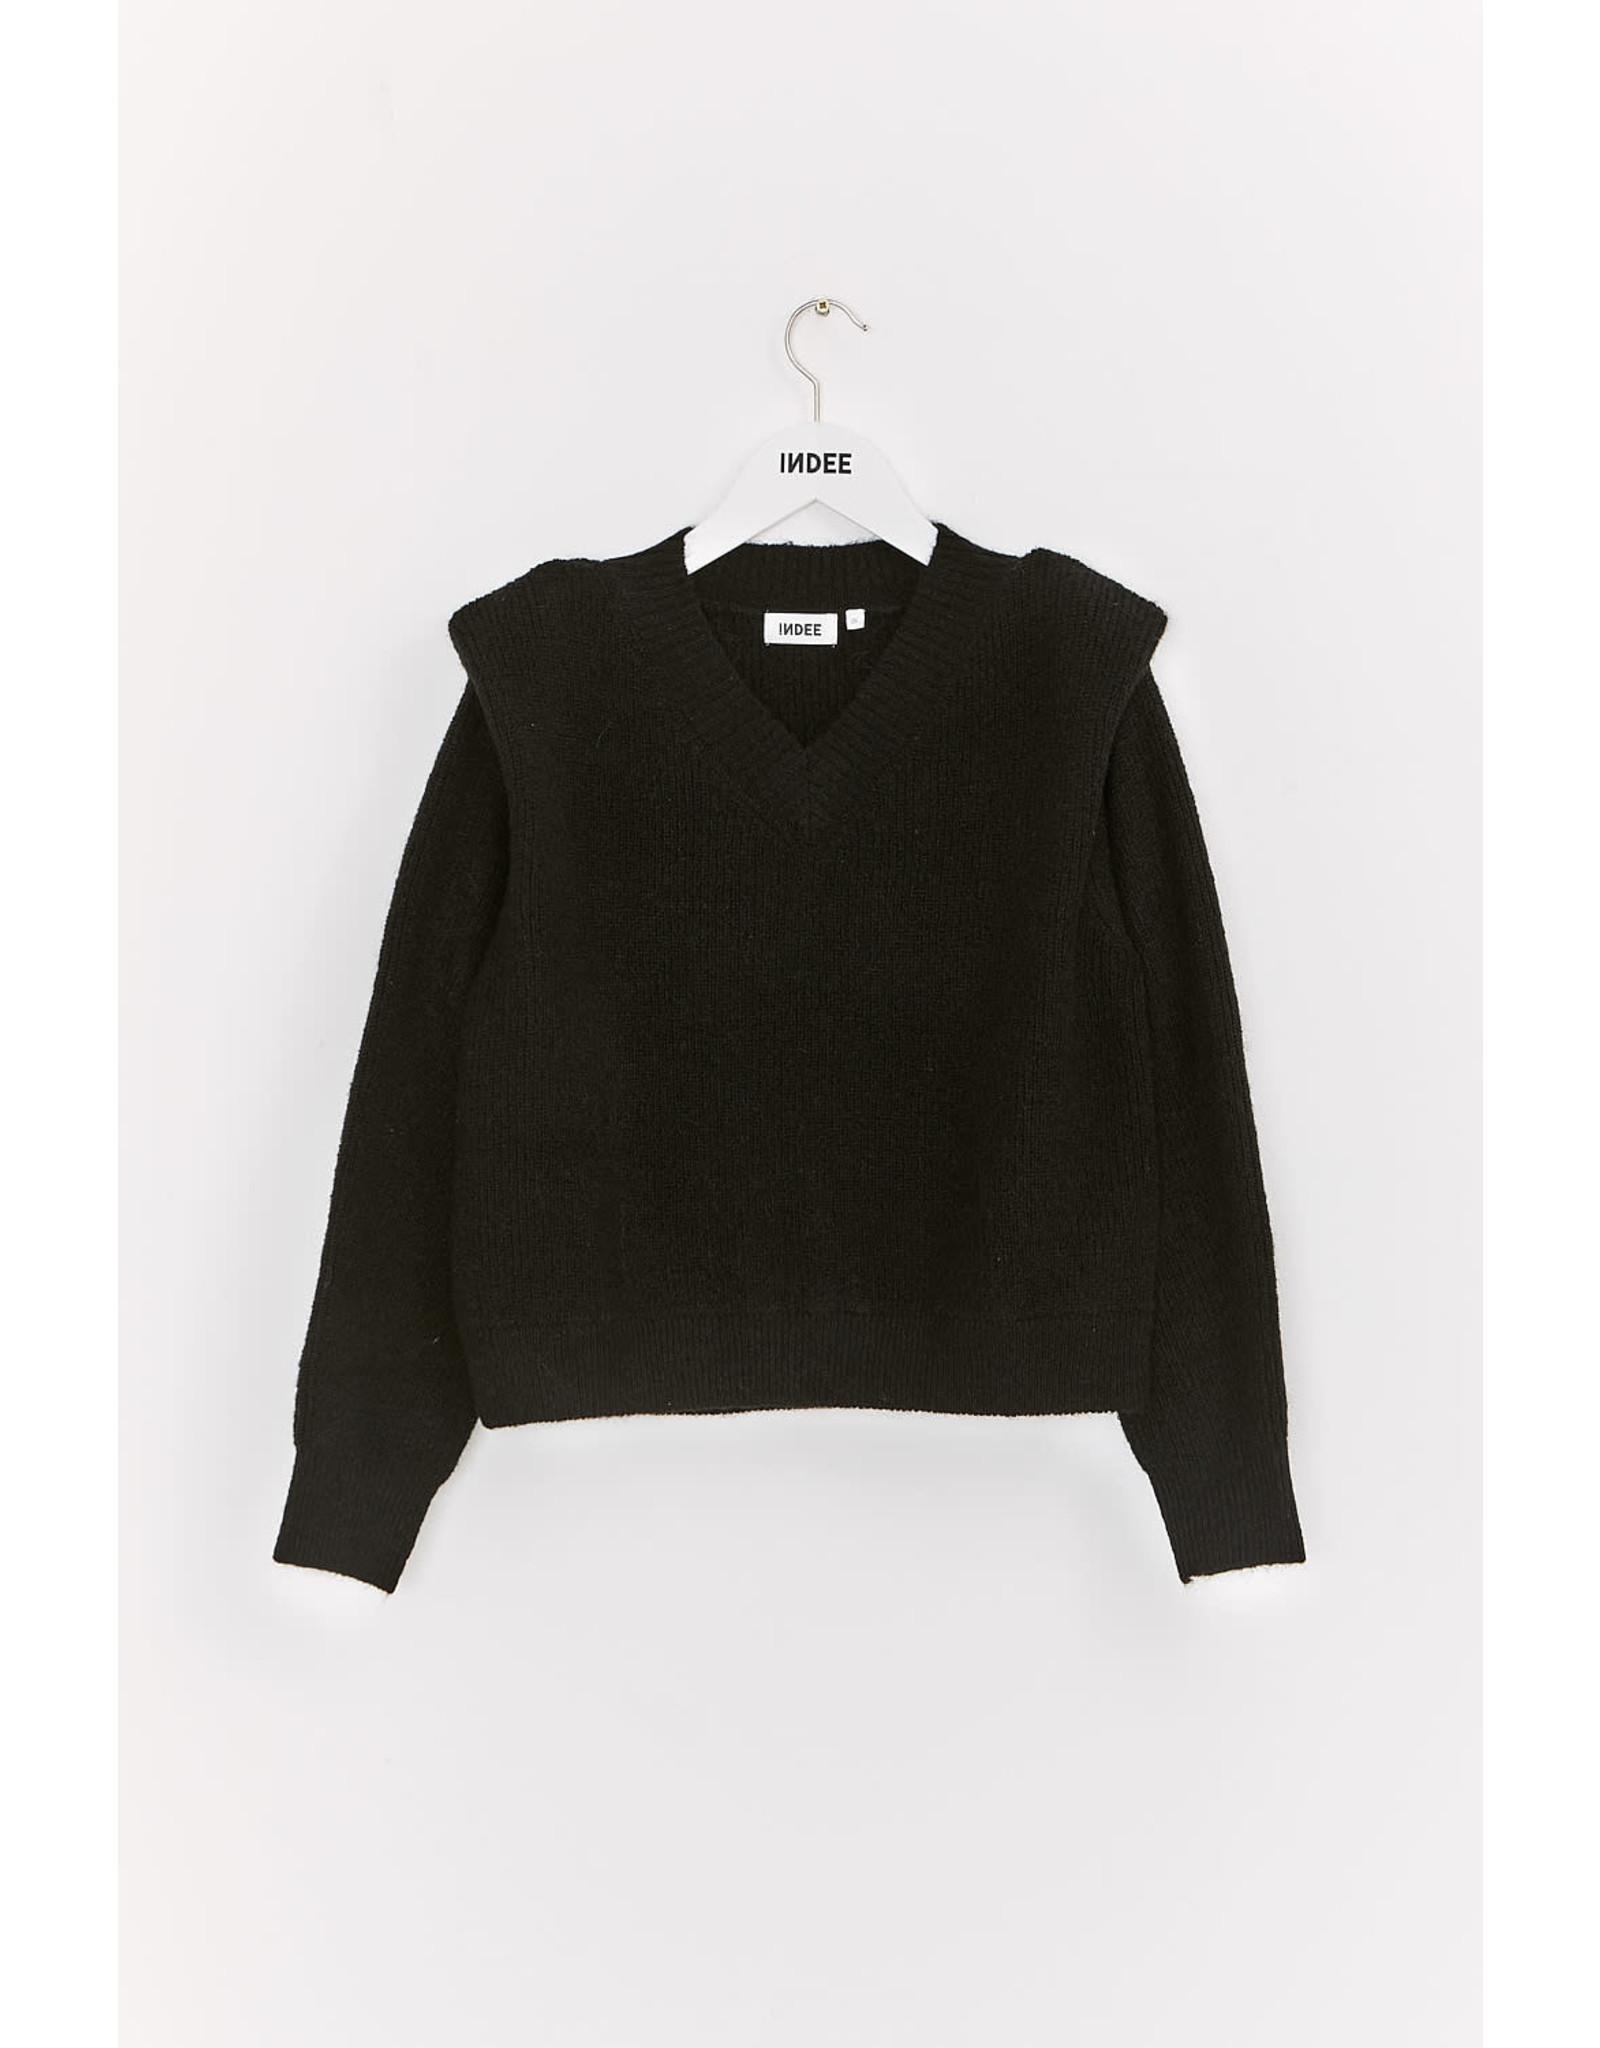 INDEE FW21 Karaoke knit sweater black